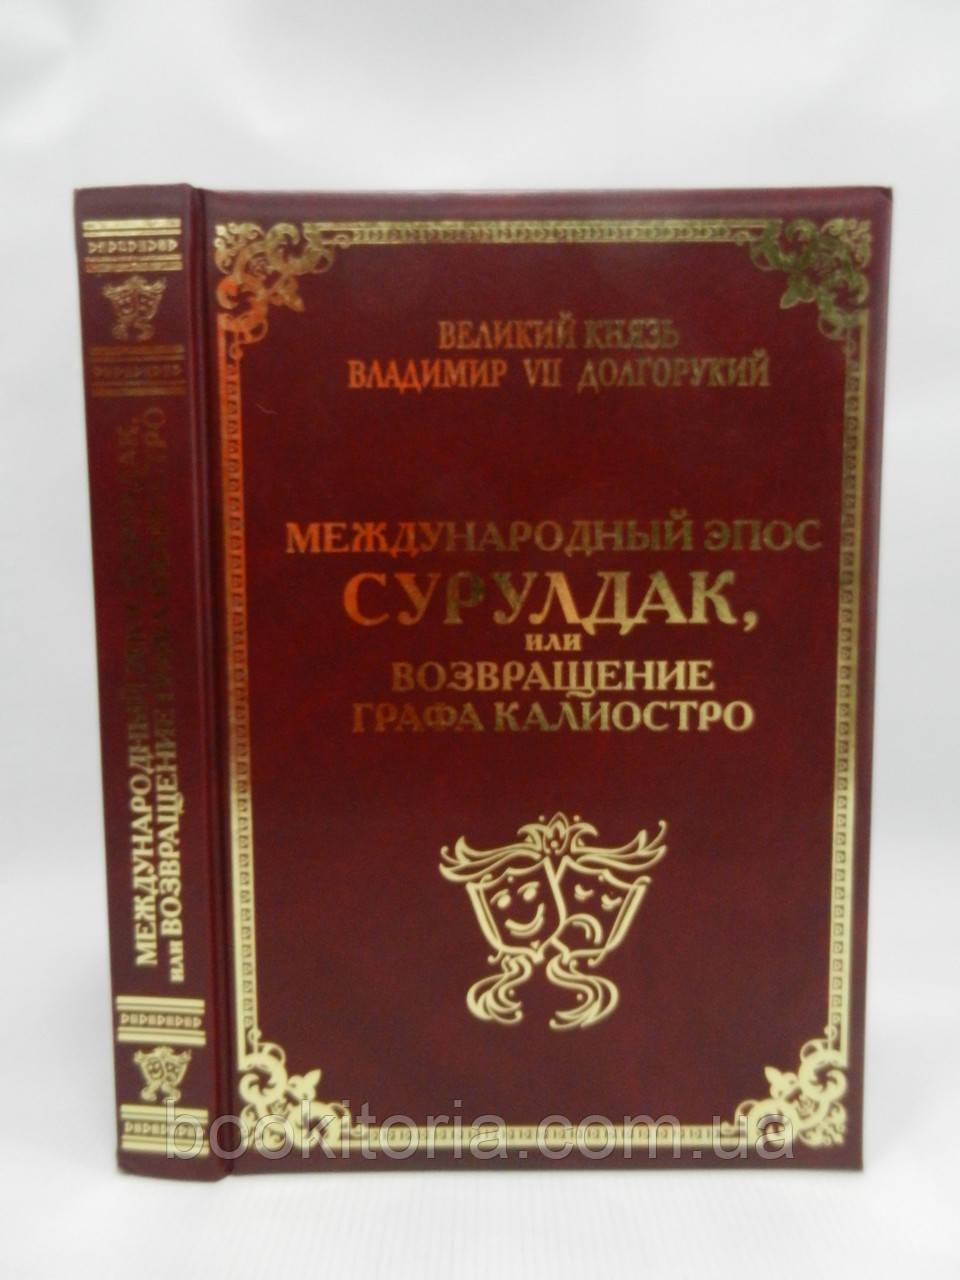 Долгорукий В. Международный эпос Сурулдак, или Возвращение графа Калиостро (б/у).